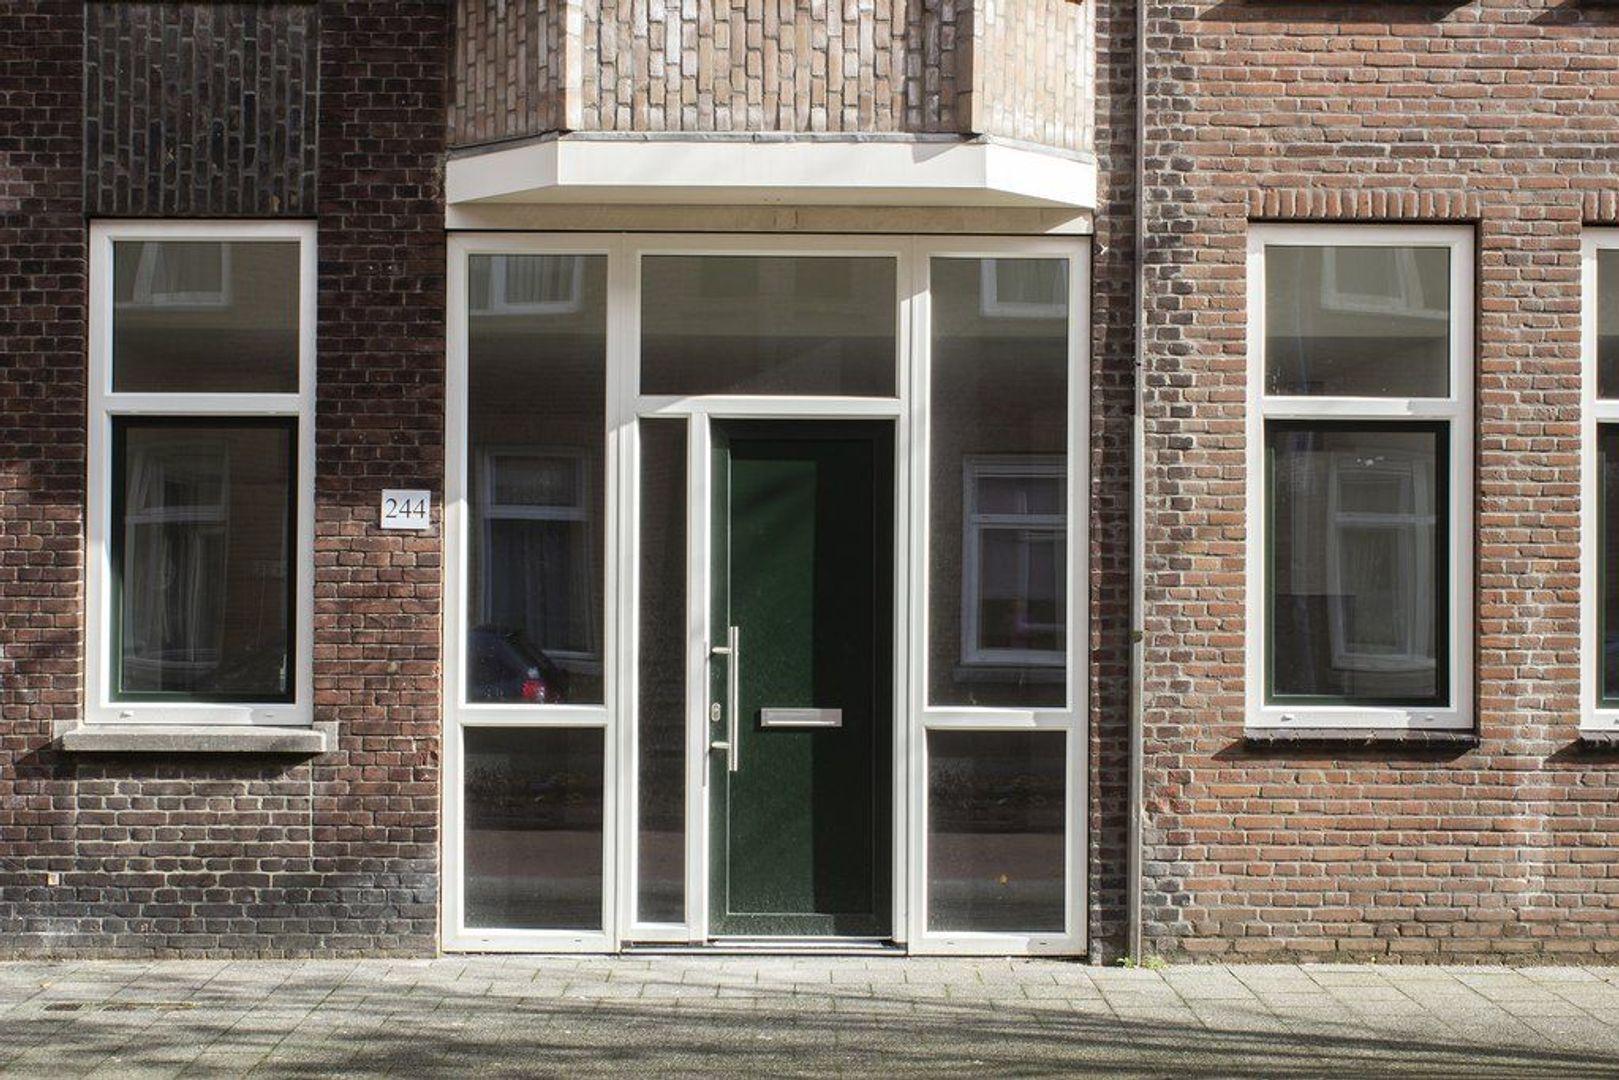 Maasstraat 244, Den Haag foto-1 blur